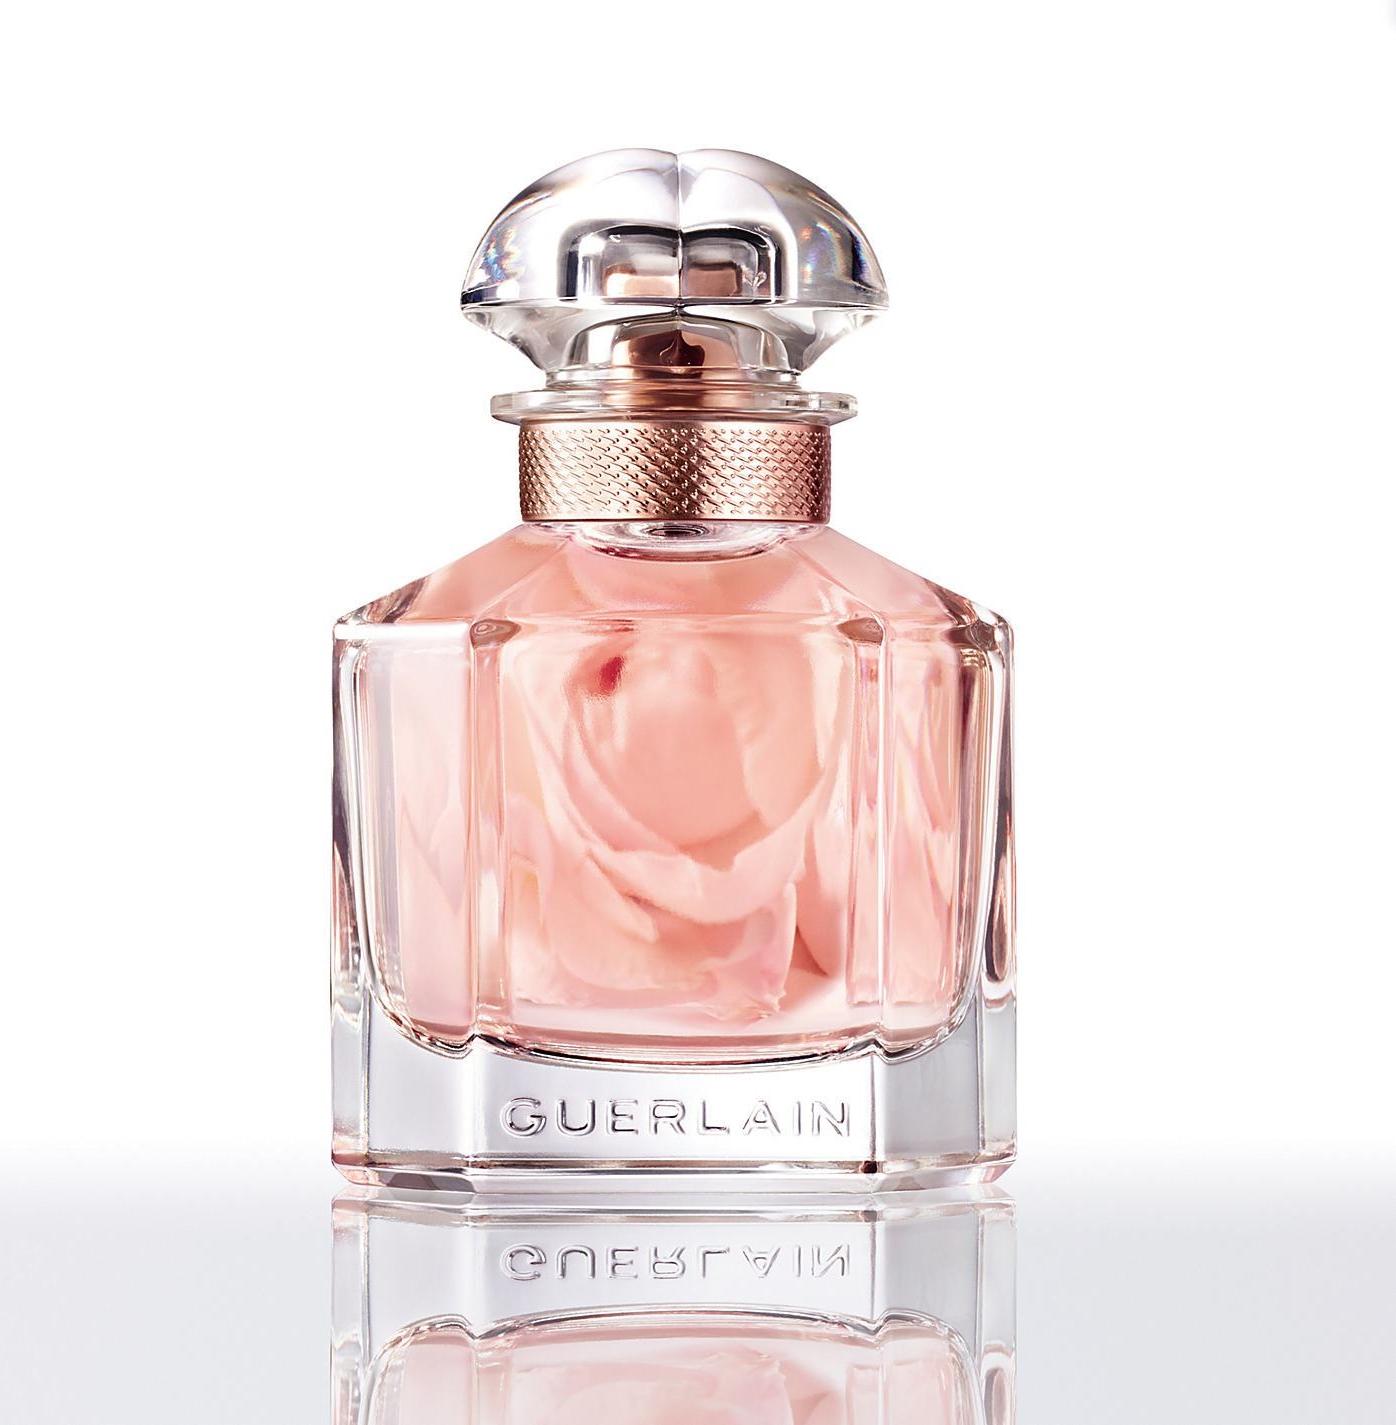 Eau Florale Parfum De T1fkj3lc Mon Guerlain thCrdsQ